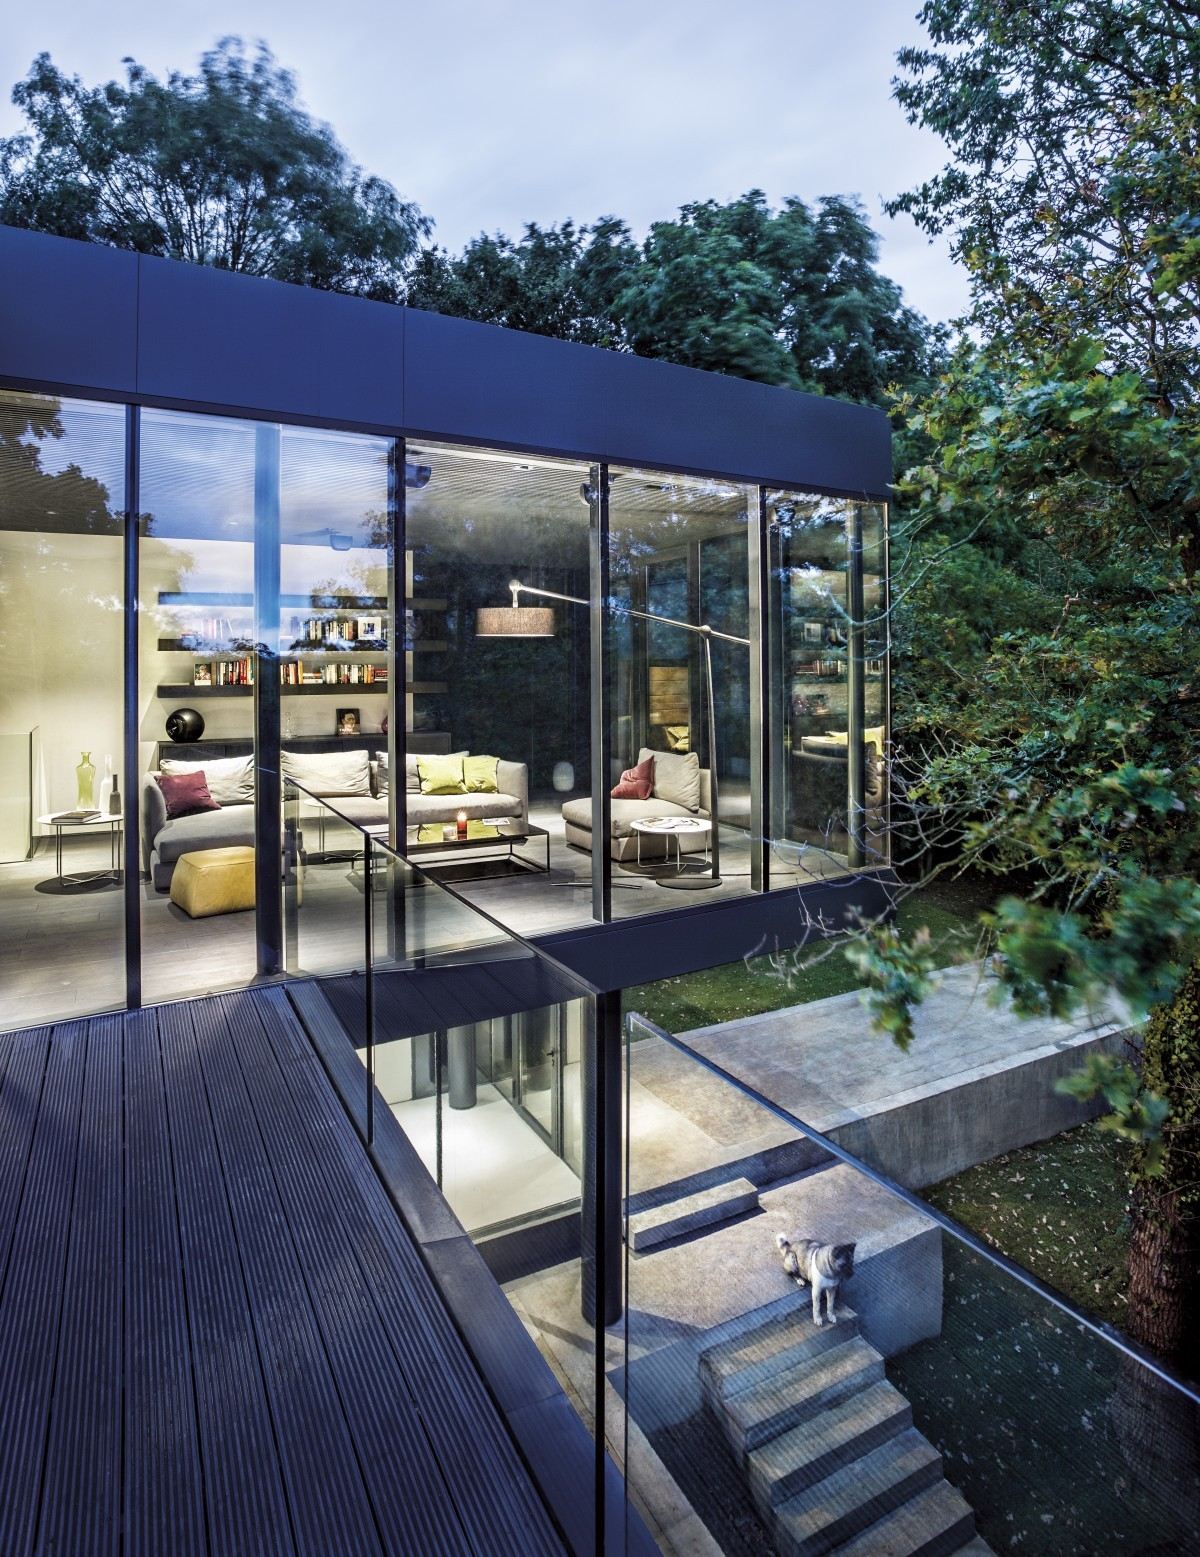 Архитектурата, природата и луксът